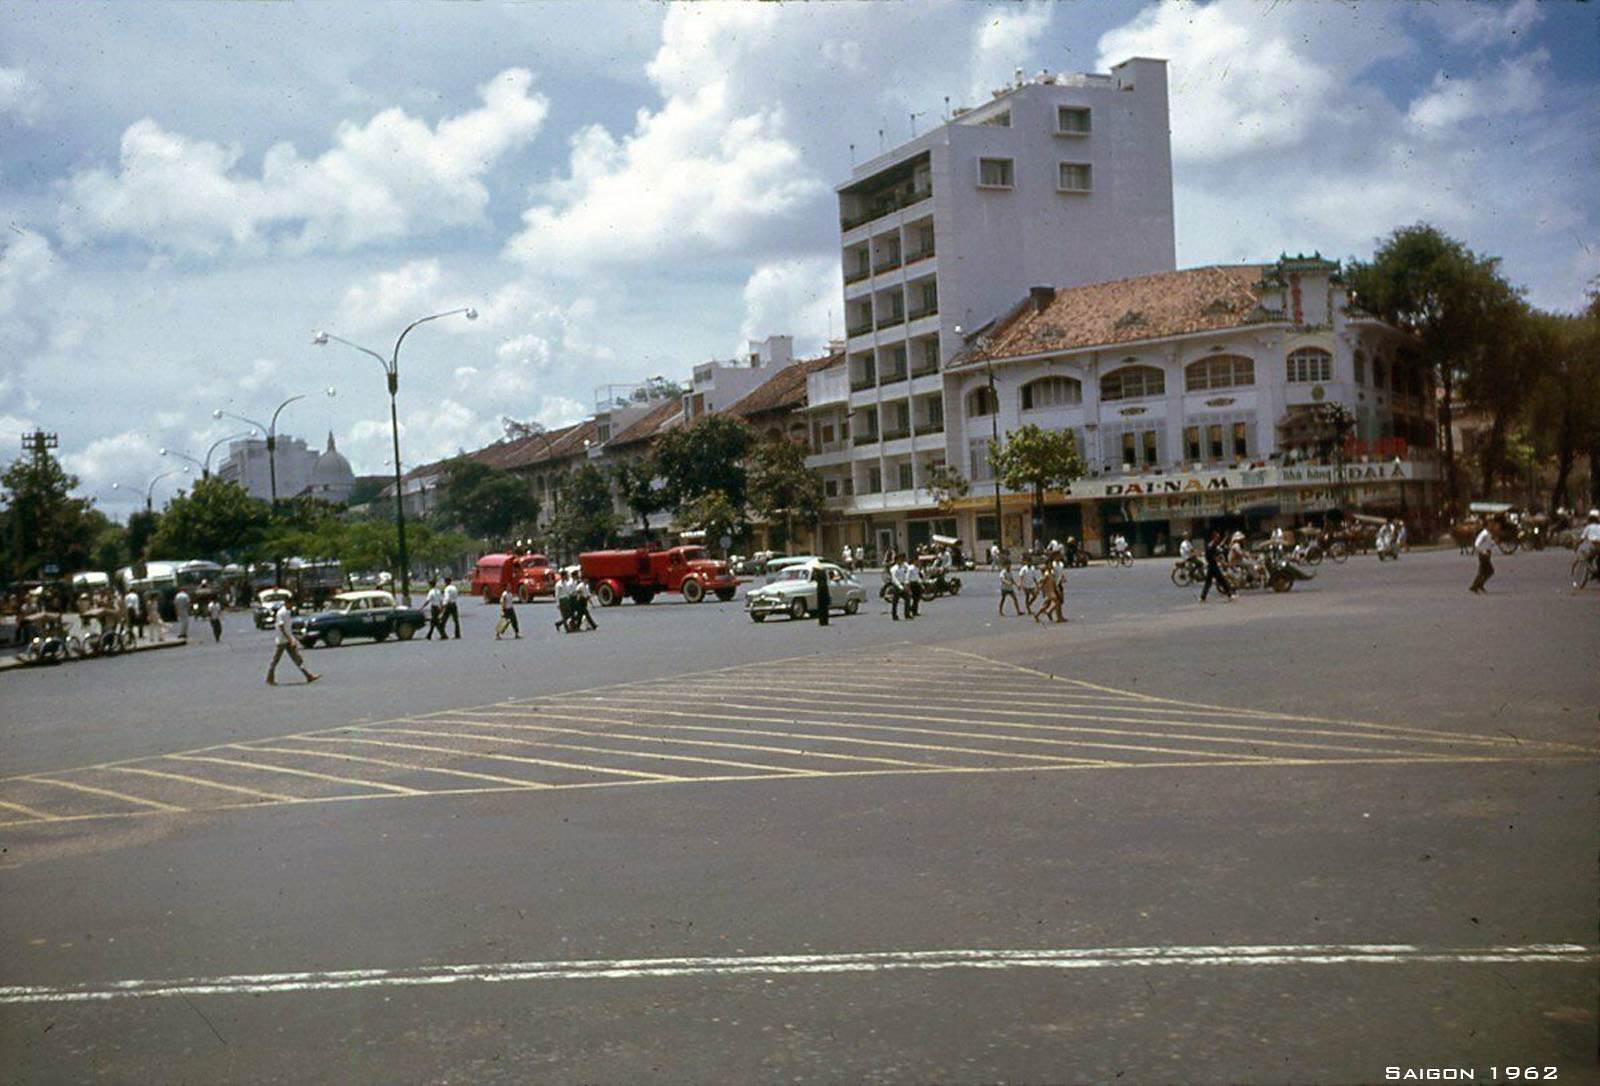 Đại lộ Hàm Nghi nhìn từ Công trường Diên Hồng (bùng binh chợ Bến Thành)